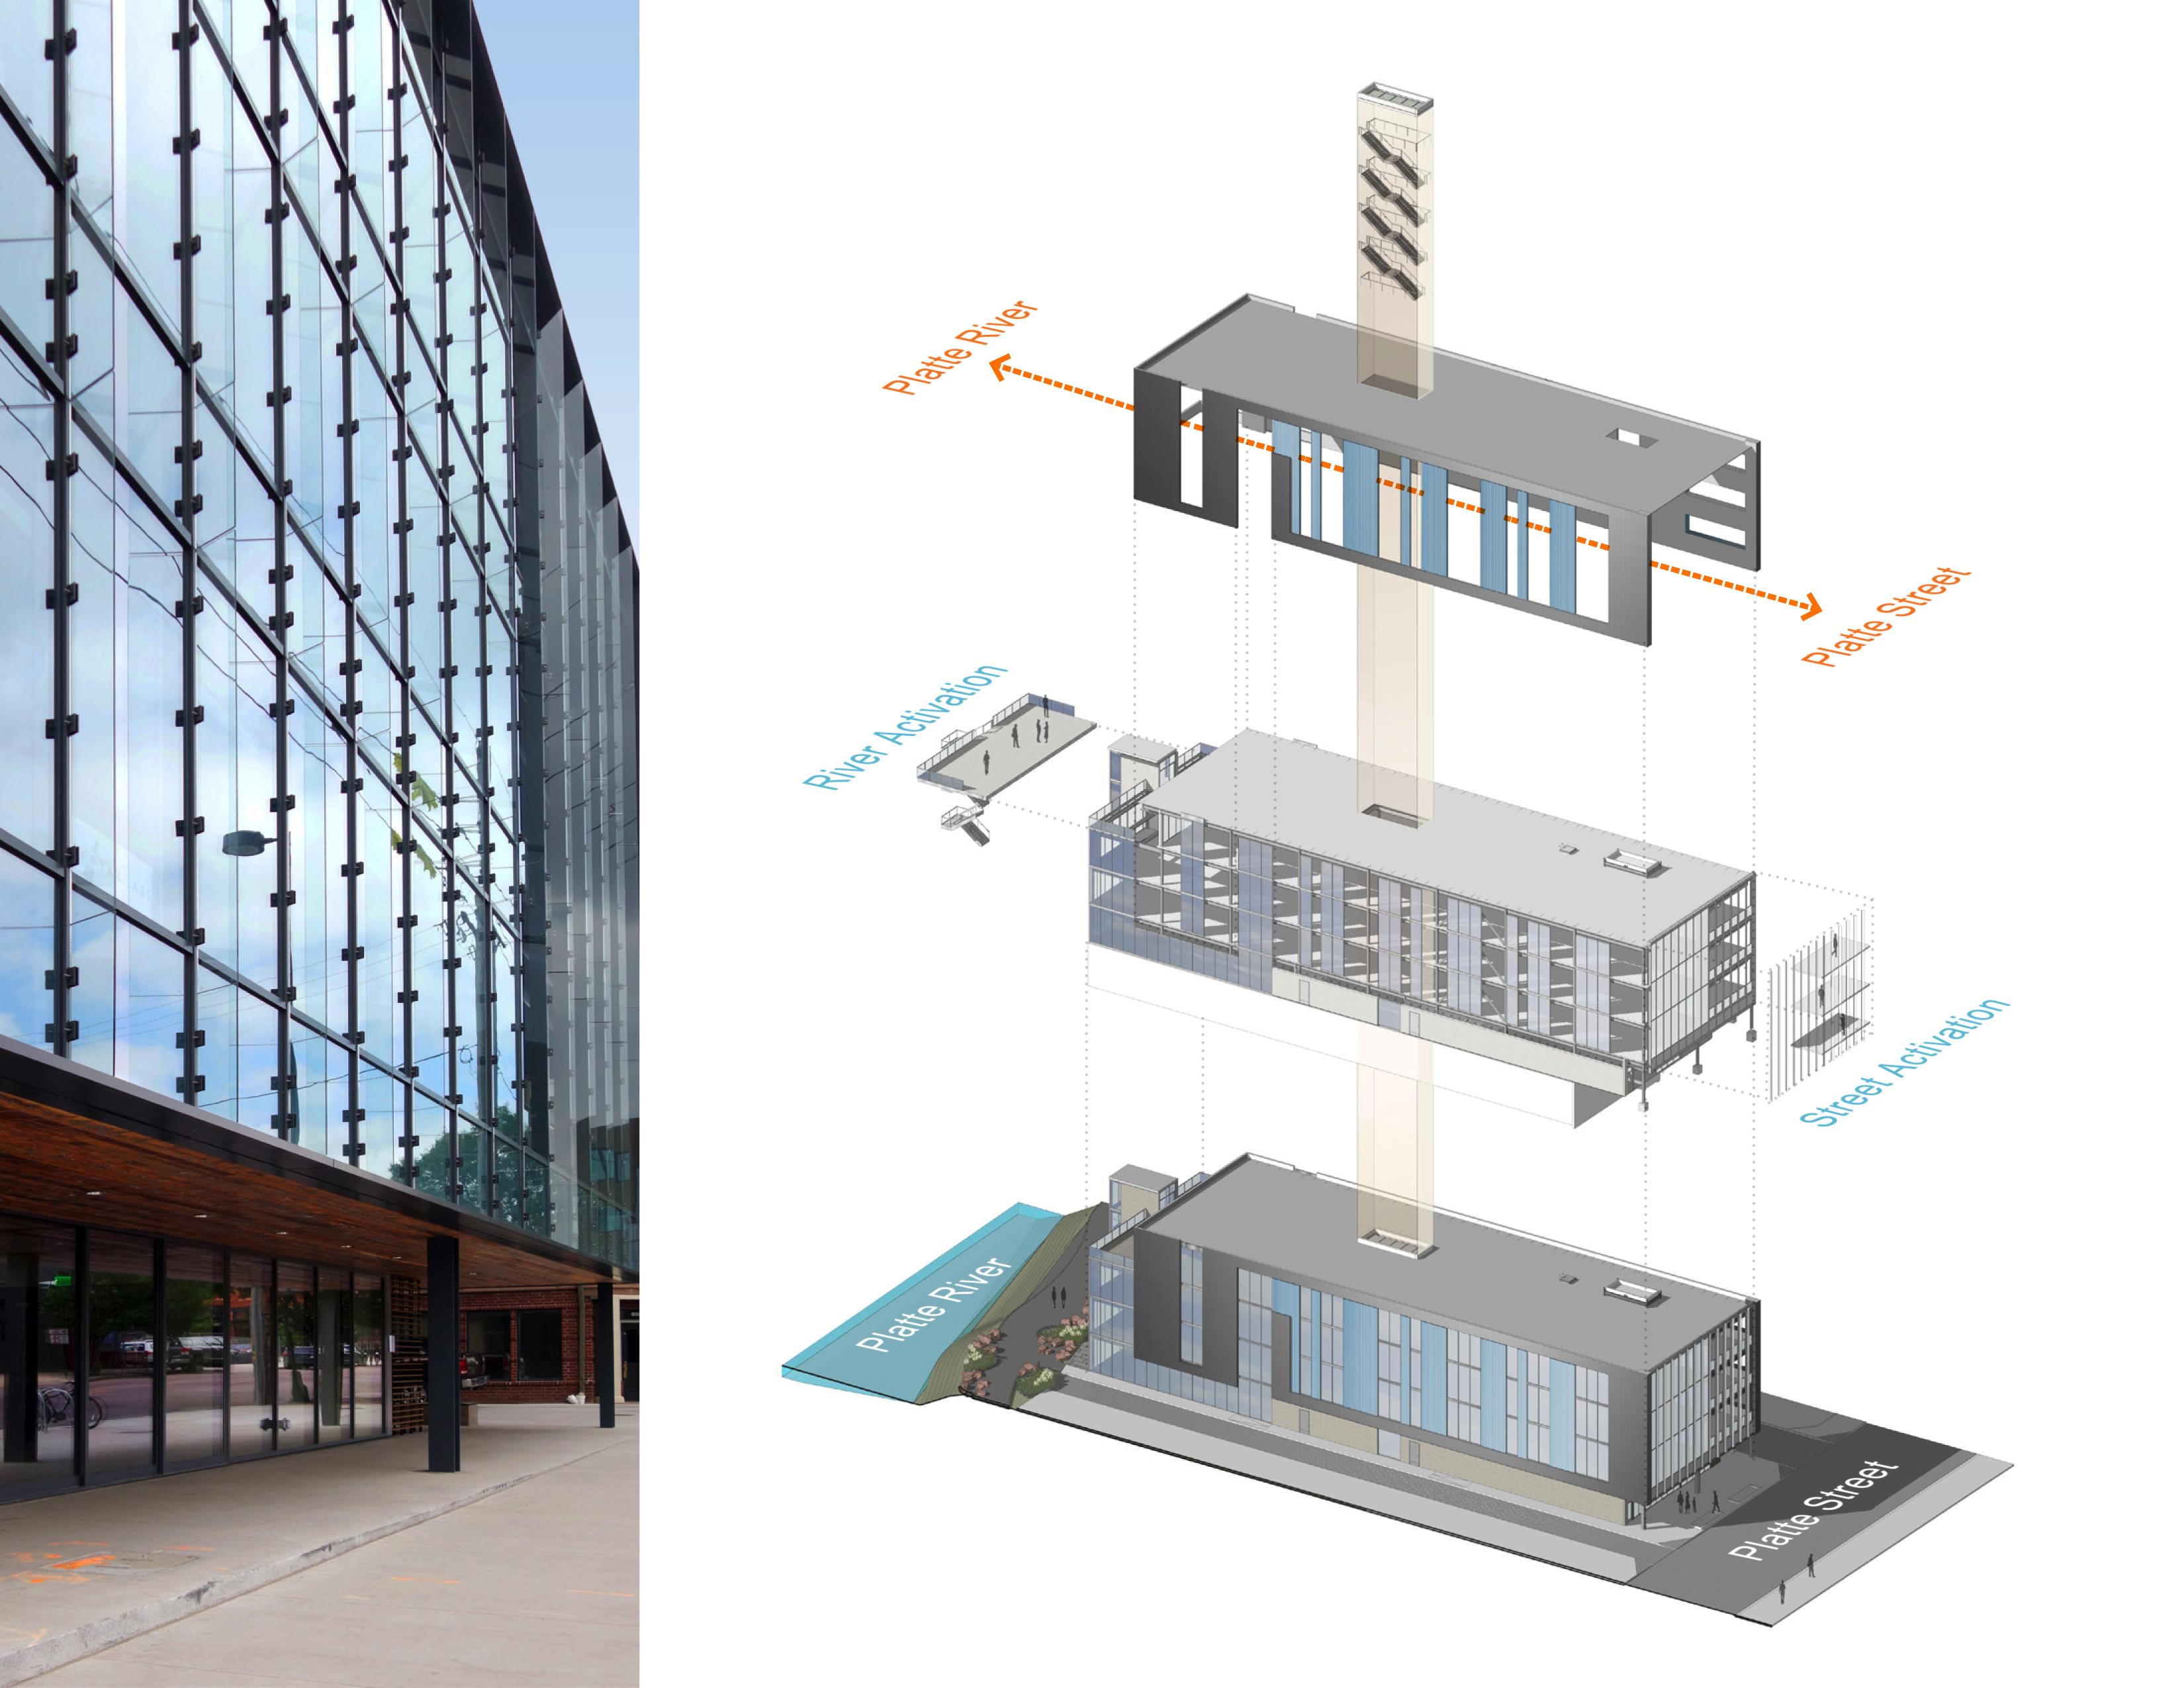 open studio architecture the nichols building axon diagram OSA